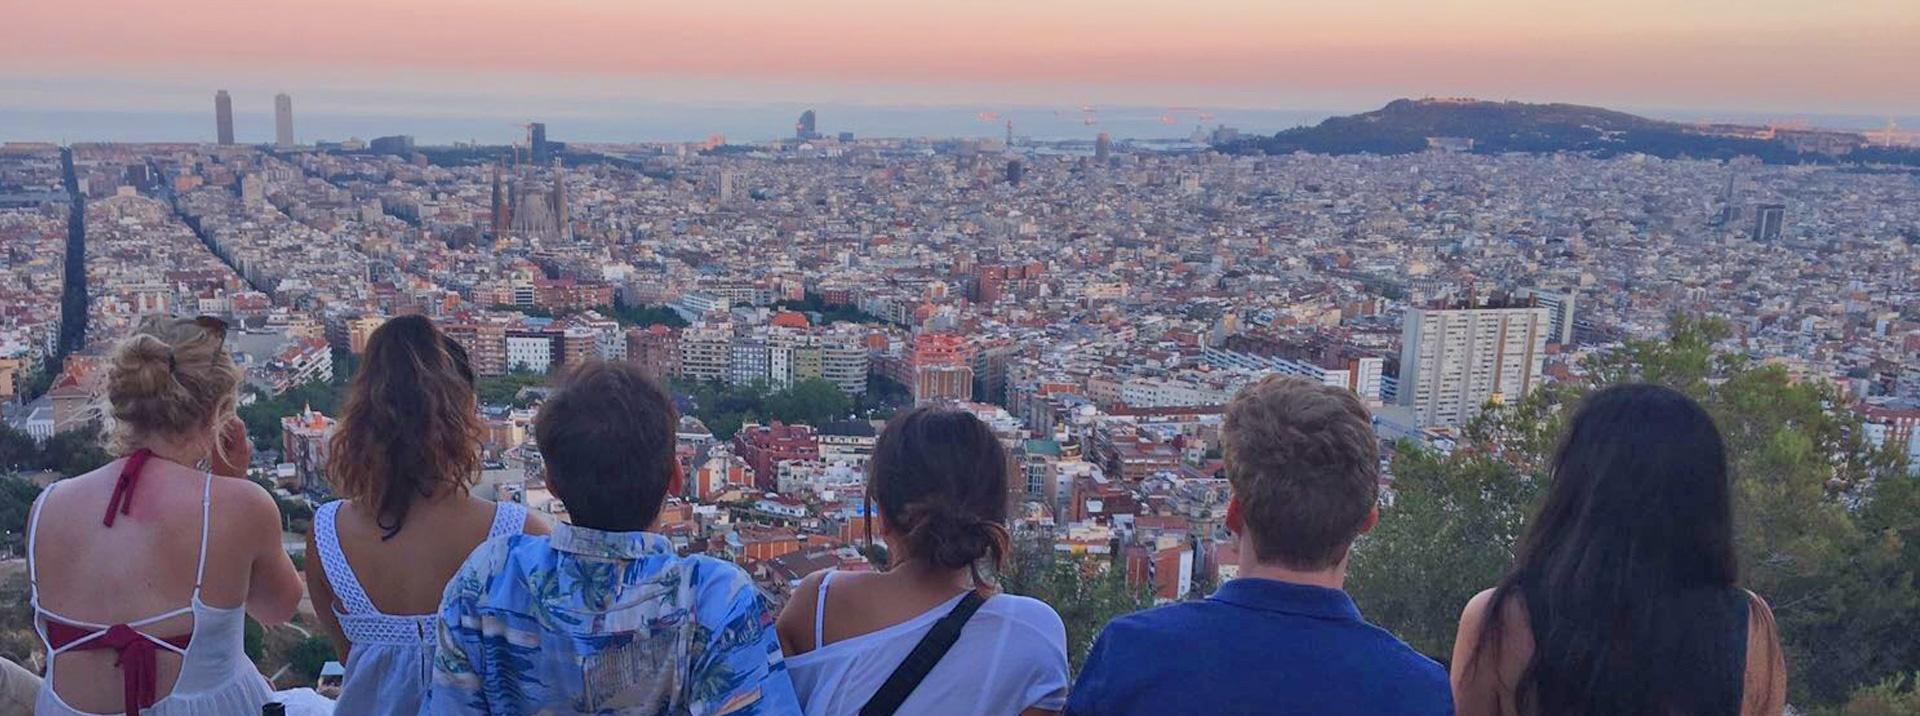 Barcelona Interns overlooking Sunset